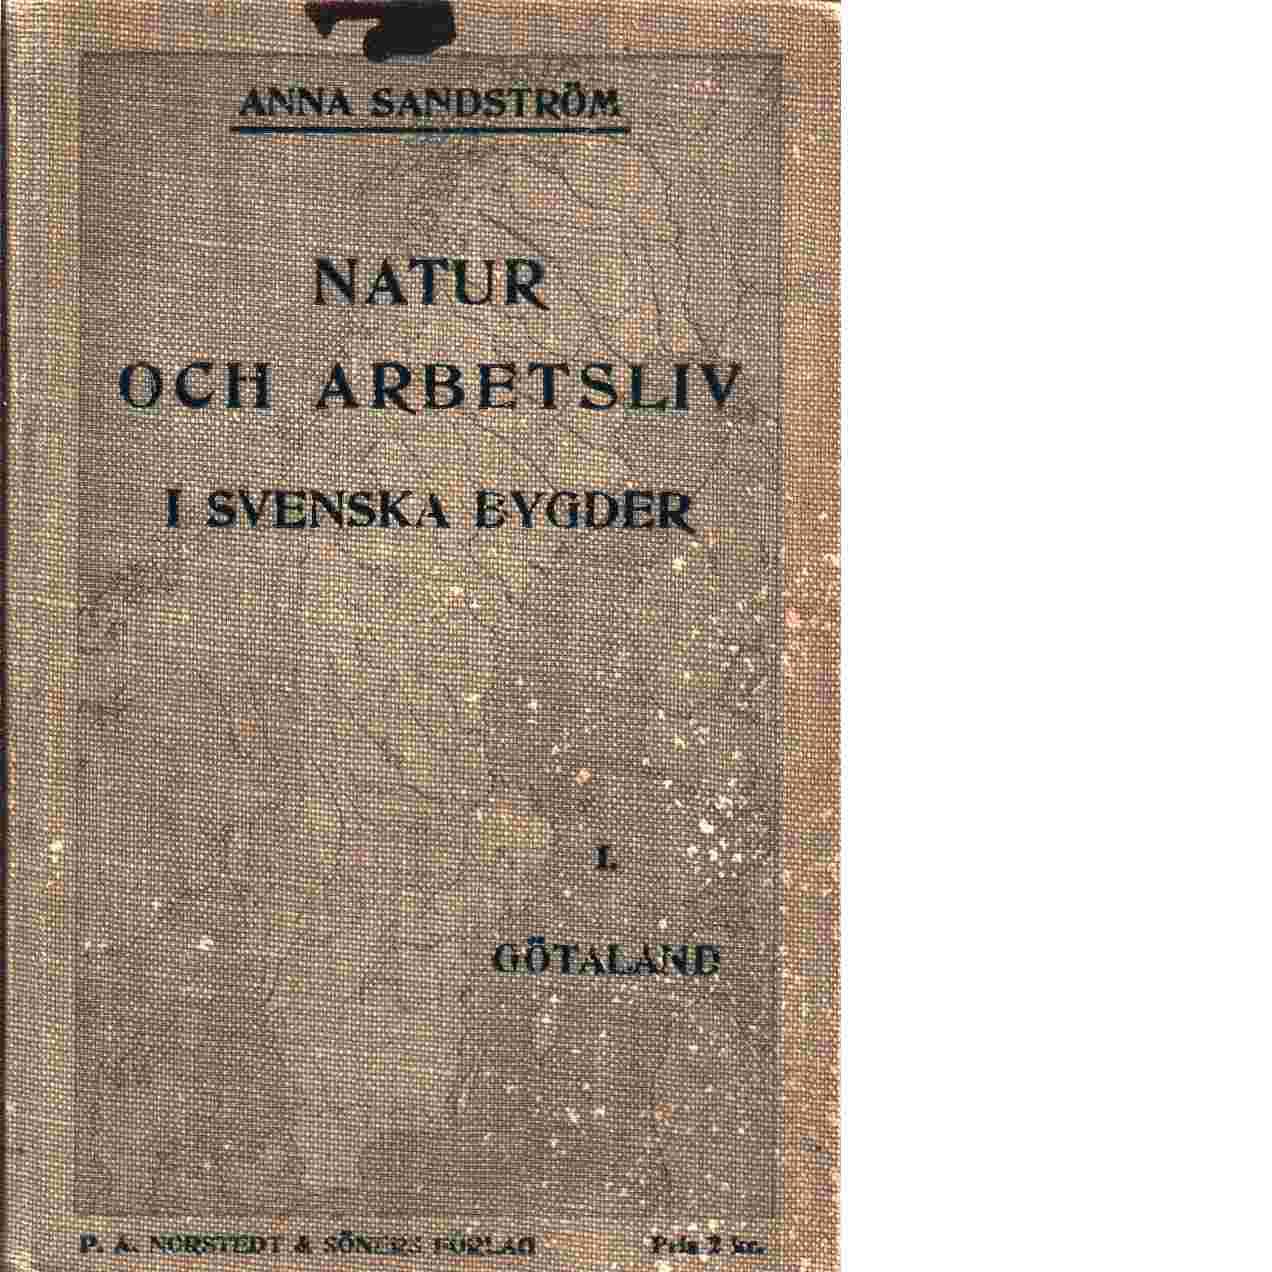 Natur och arbetsliv i svenska bygder - Sandström, Anna